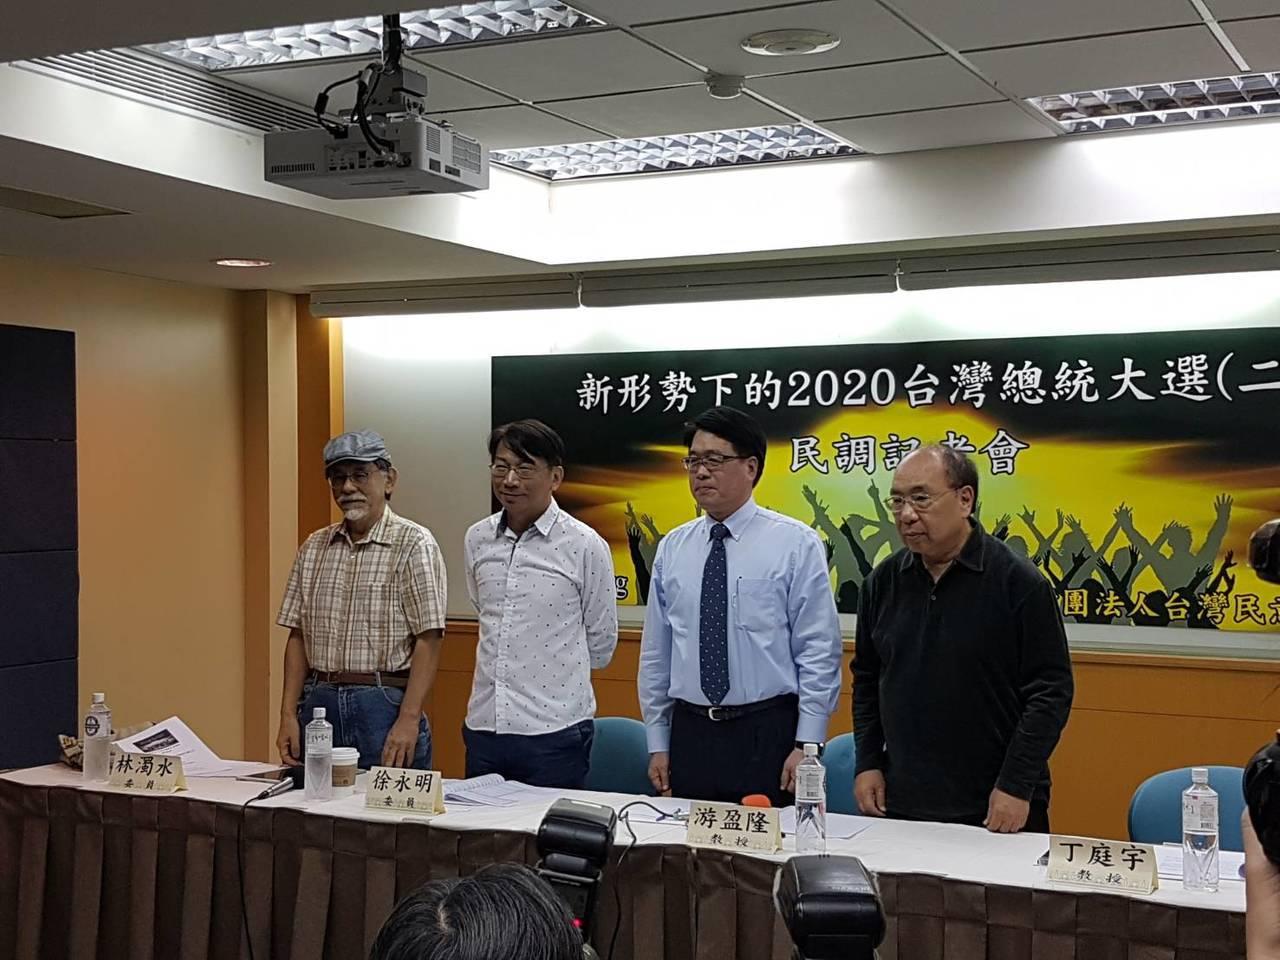 台灣民意基金會今天公布最新民調,若2020蔡韓柯三腳督,韓國瑜民調以33.5%,...